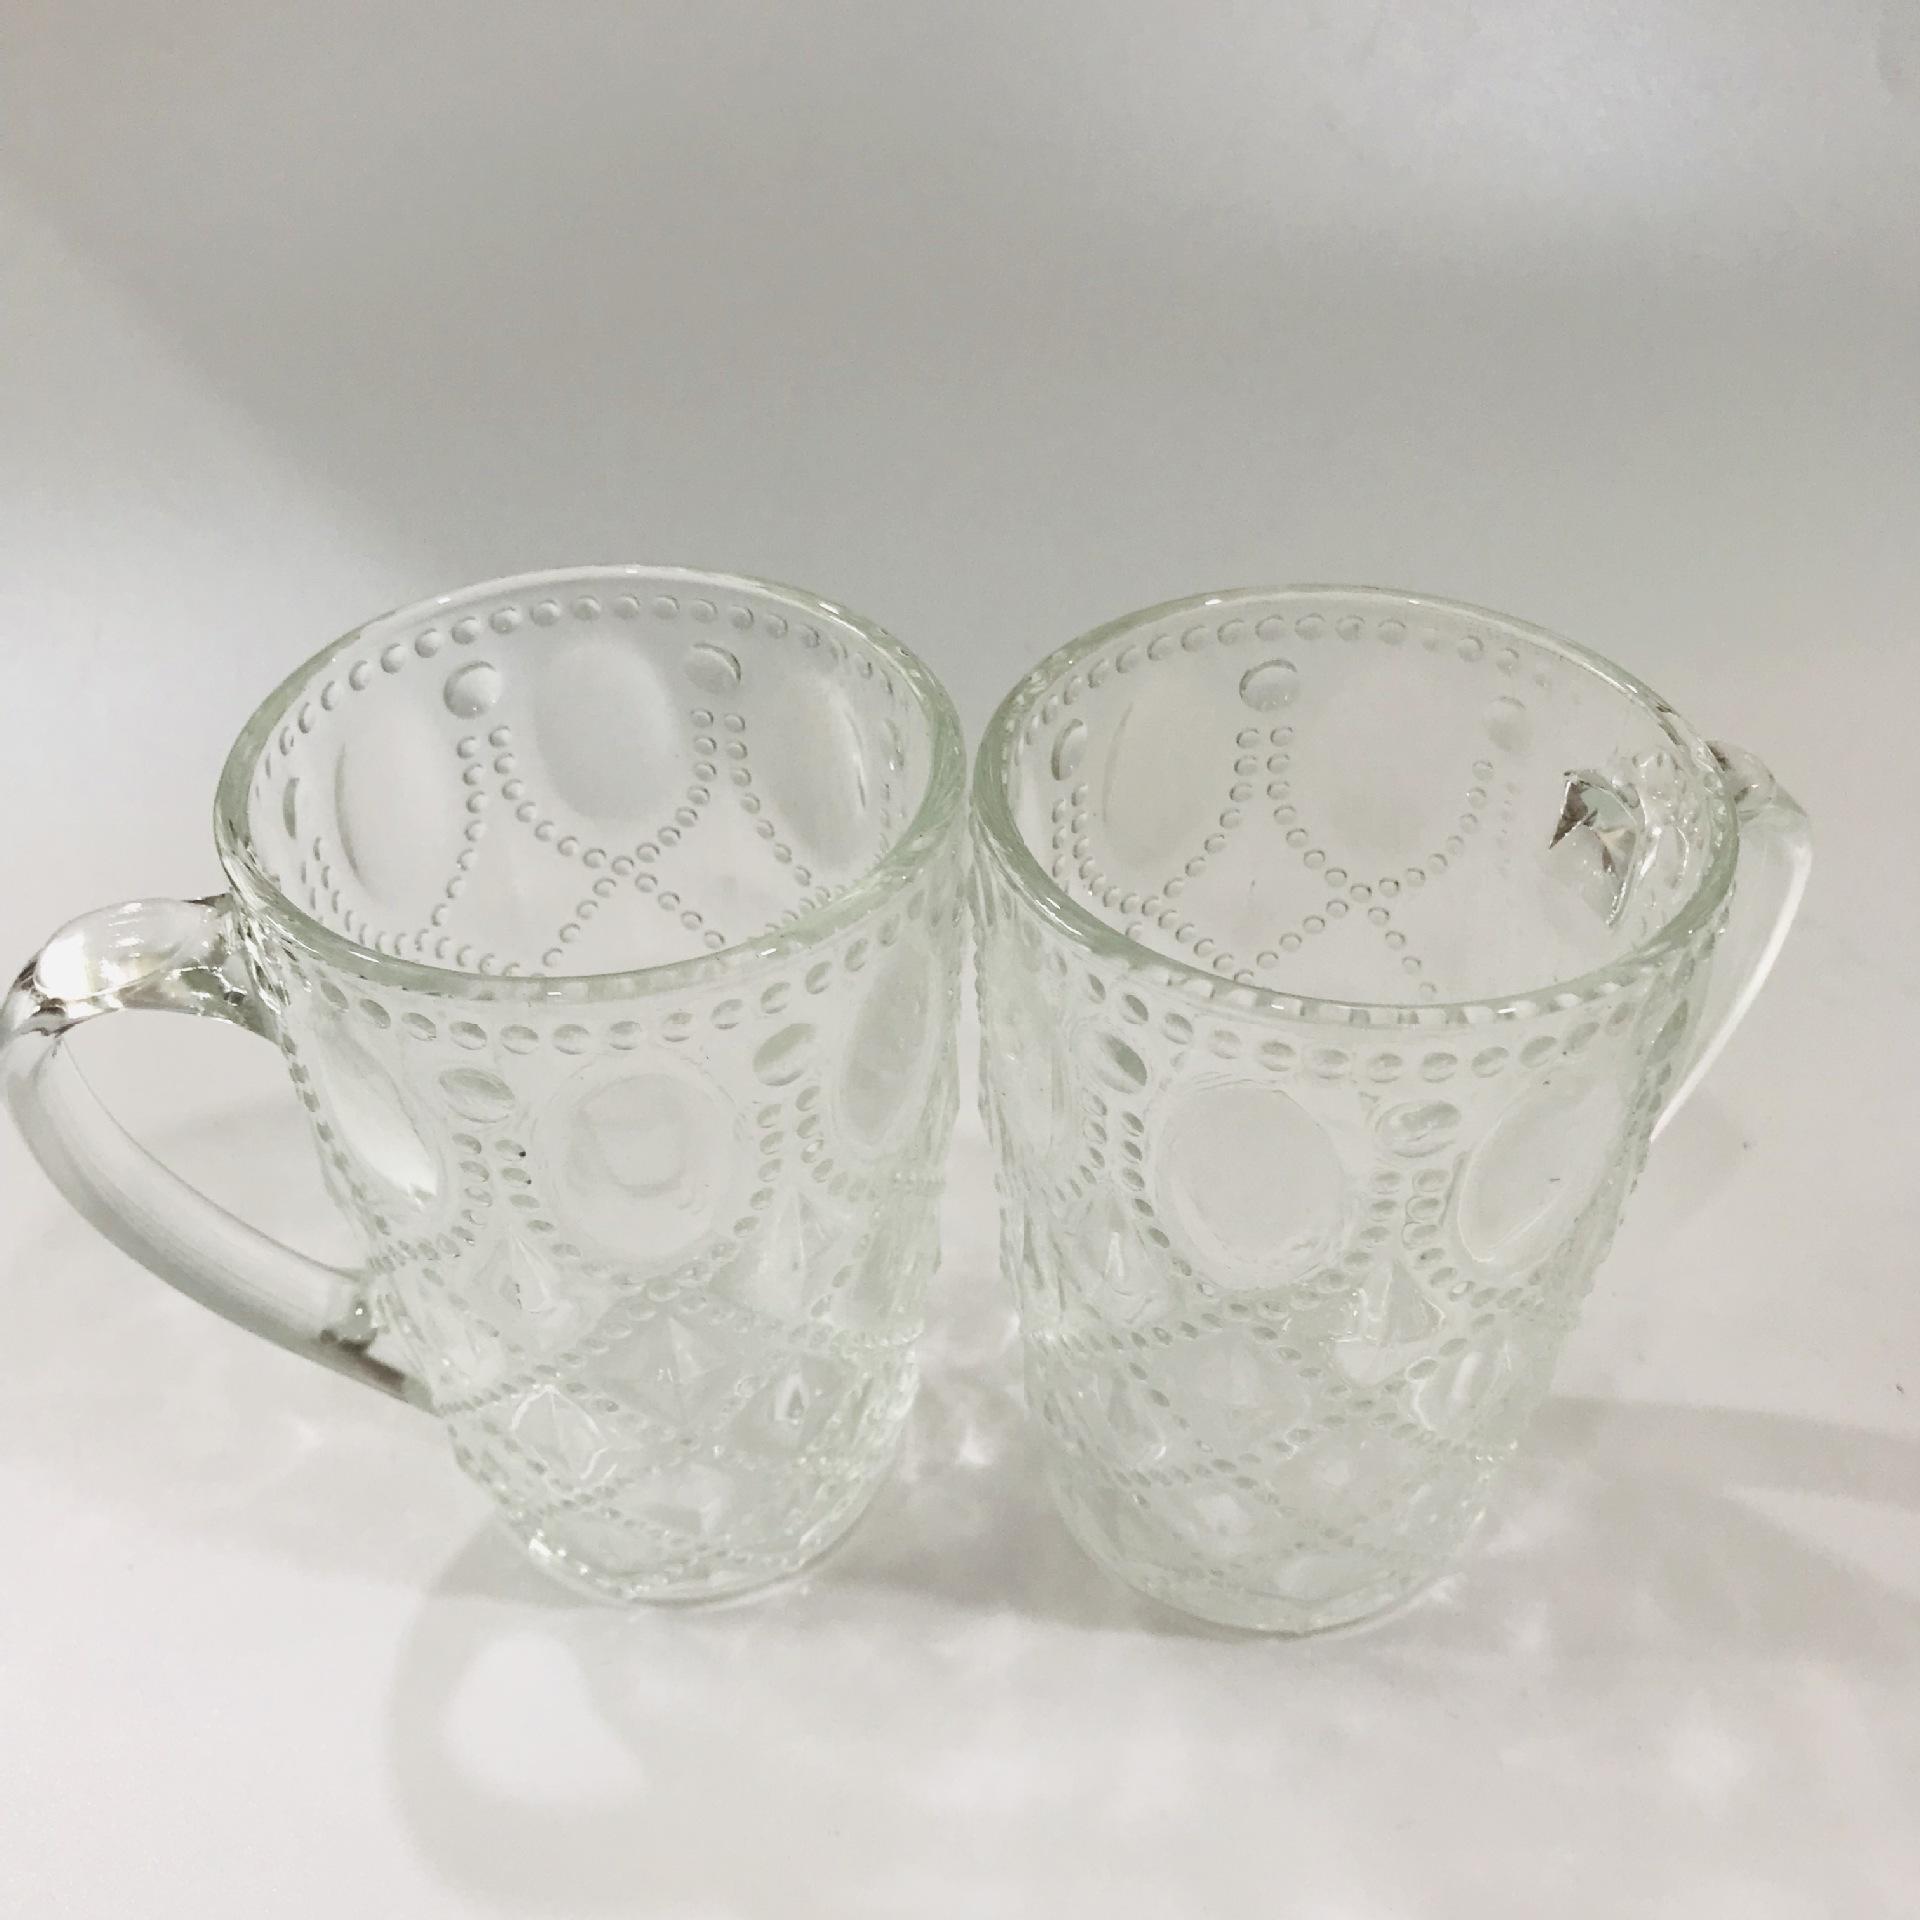 2元家用高白大菠萝杯玻璃水杯 透明 有手柄 纯色耐高温茶杯菠萝杯